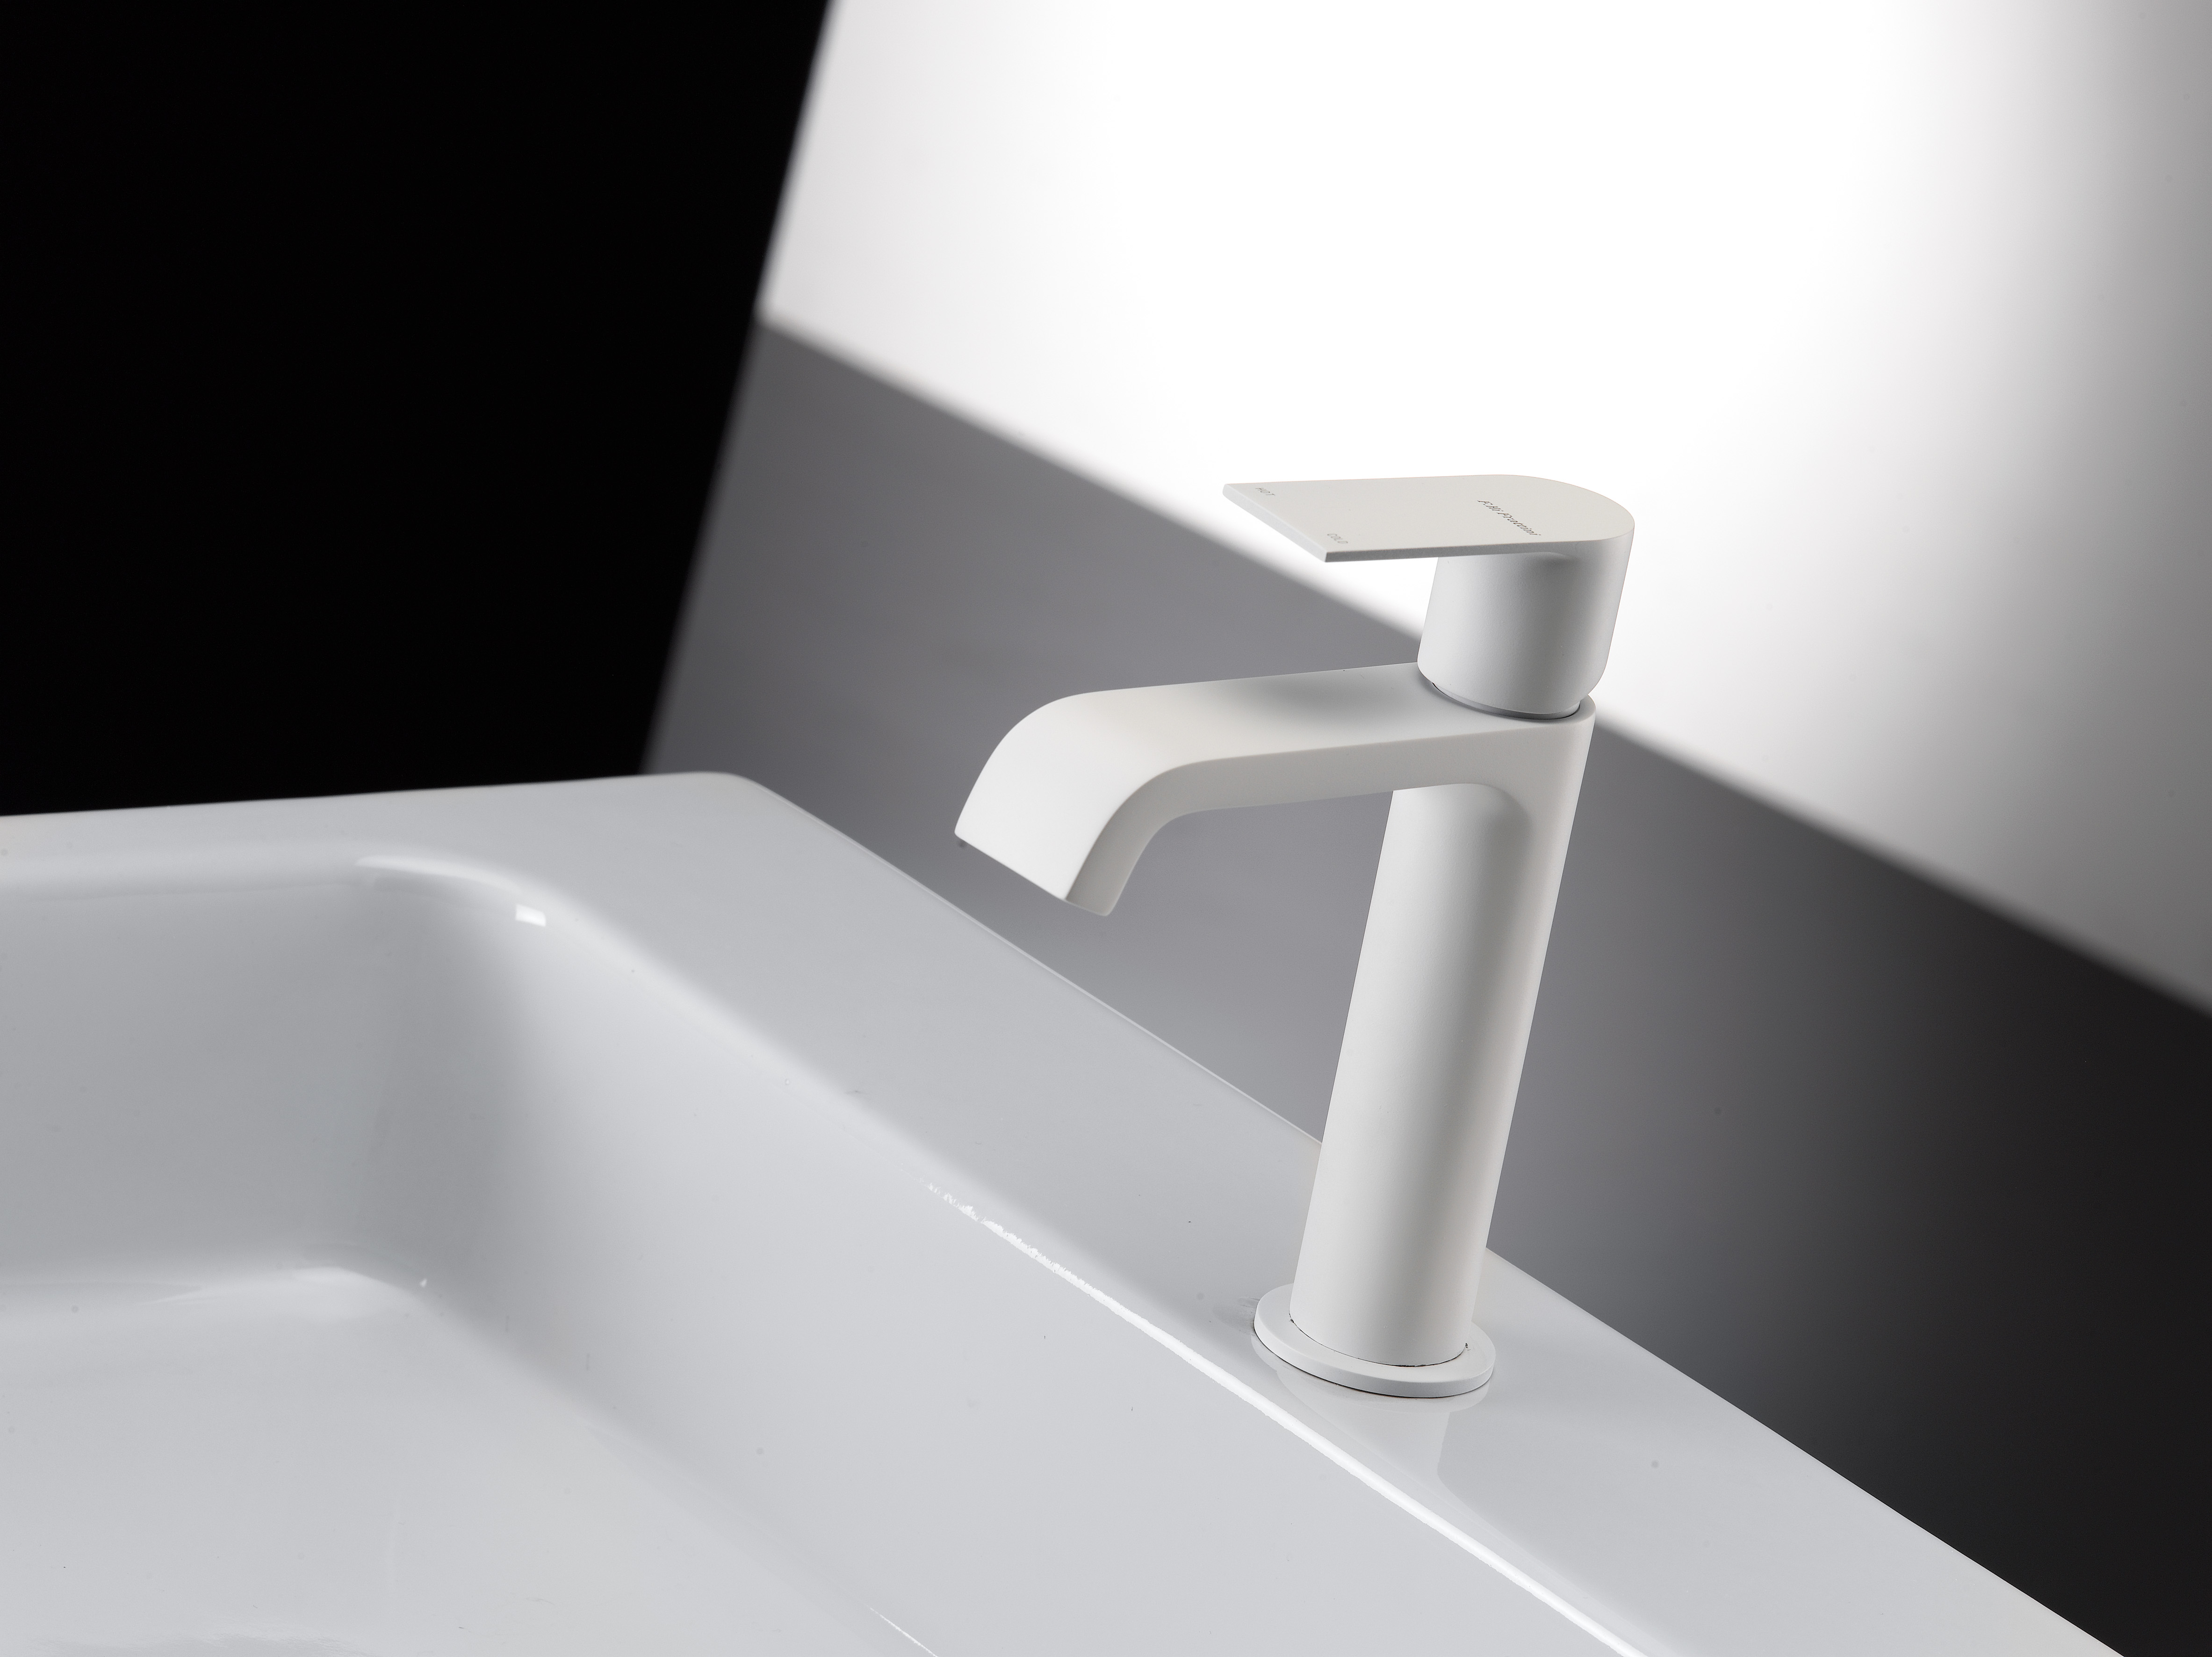 Lavabo Bagno Nero Prezzi : Lavabo bagno ferro battuto. Lavabo ...